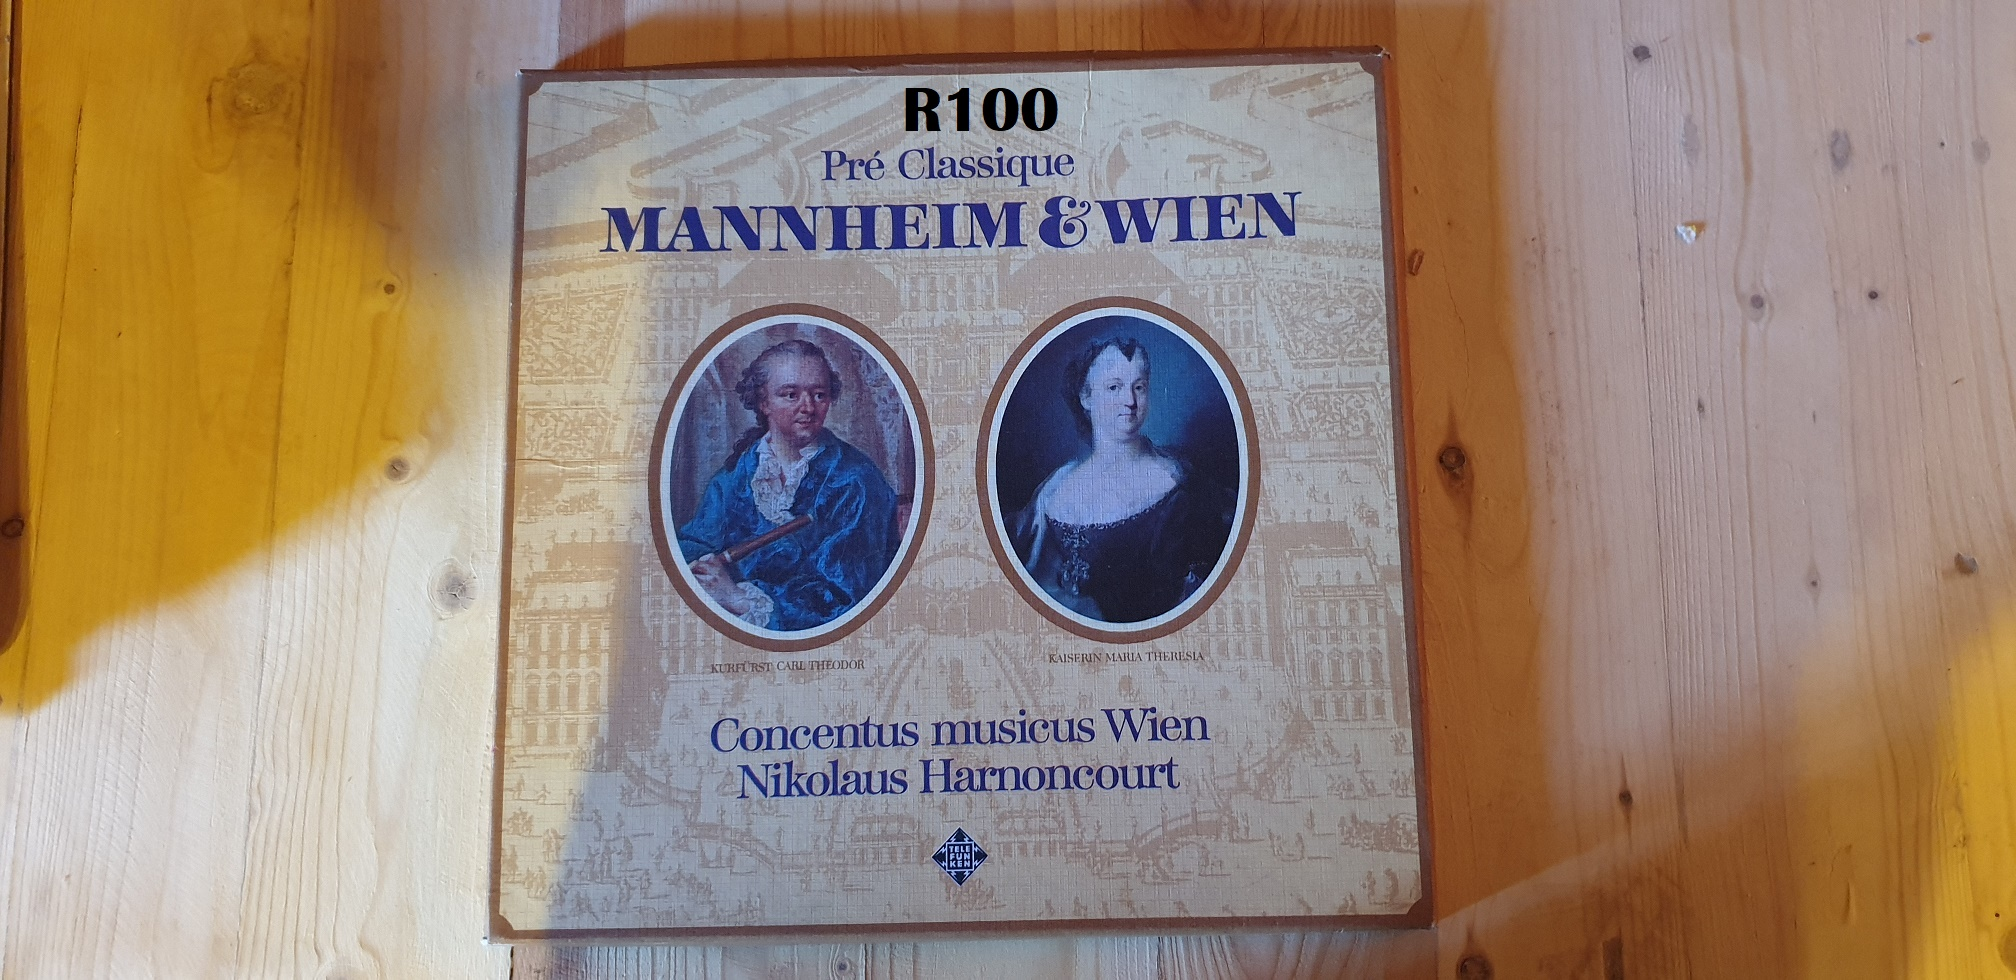 Collection of 2 LP'S of pre- Classique Mannheim & Wien